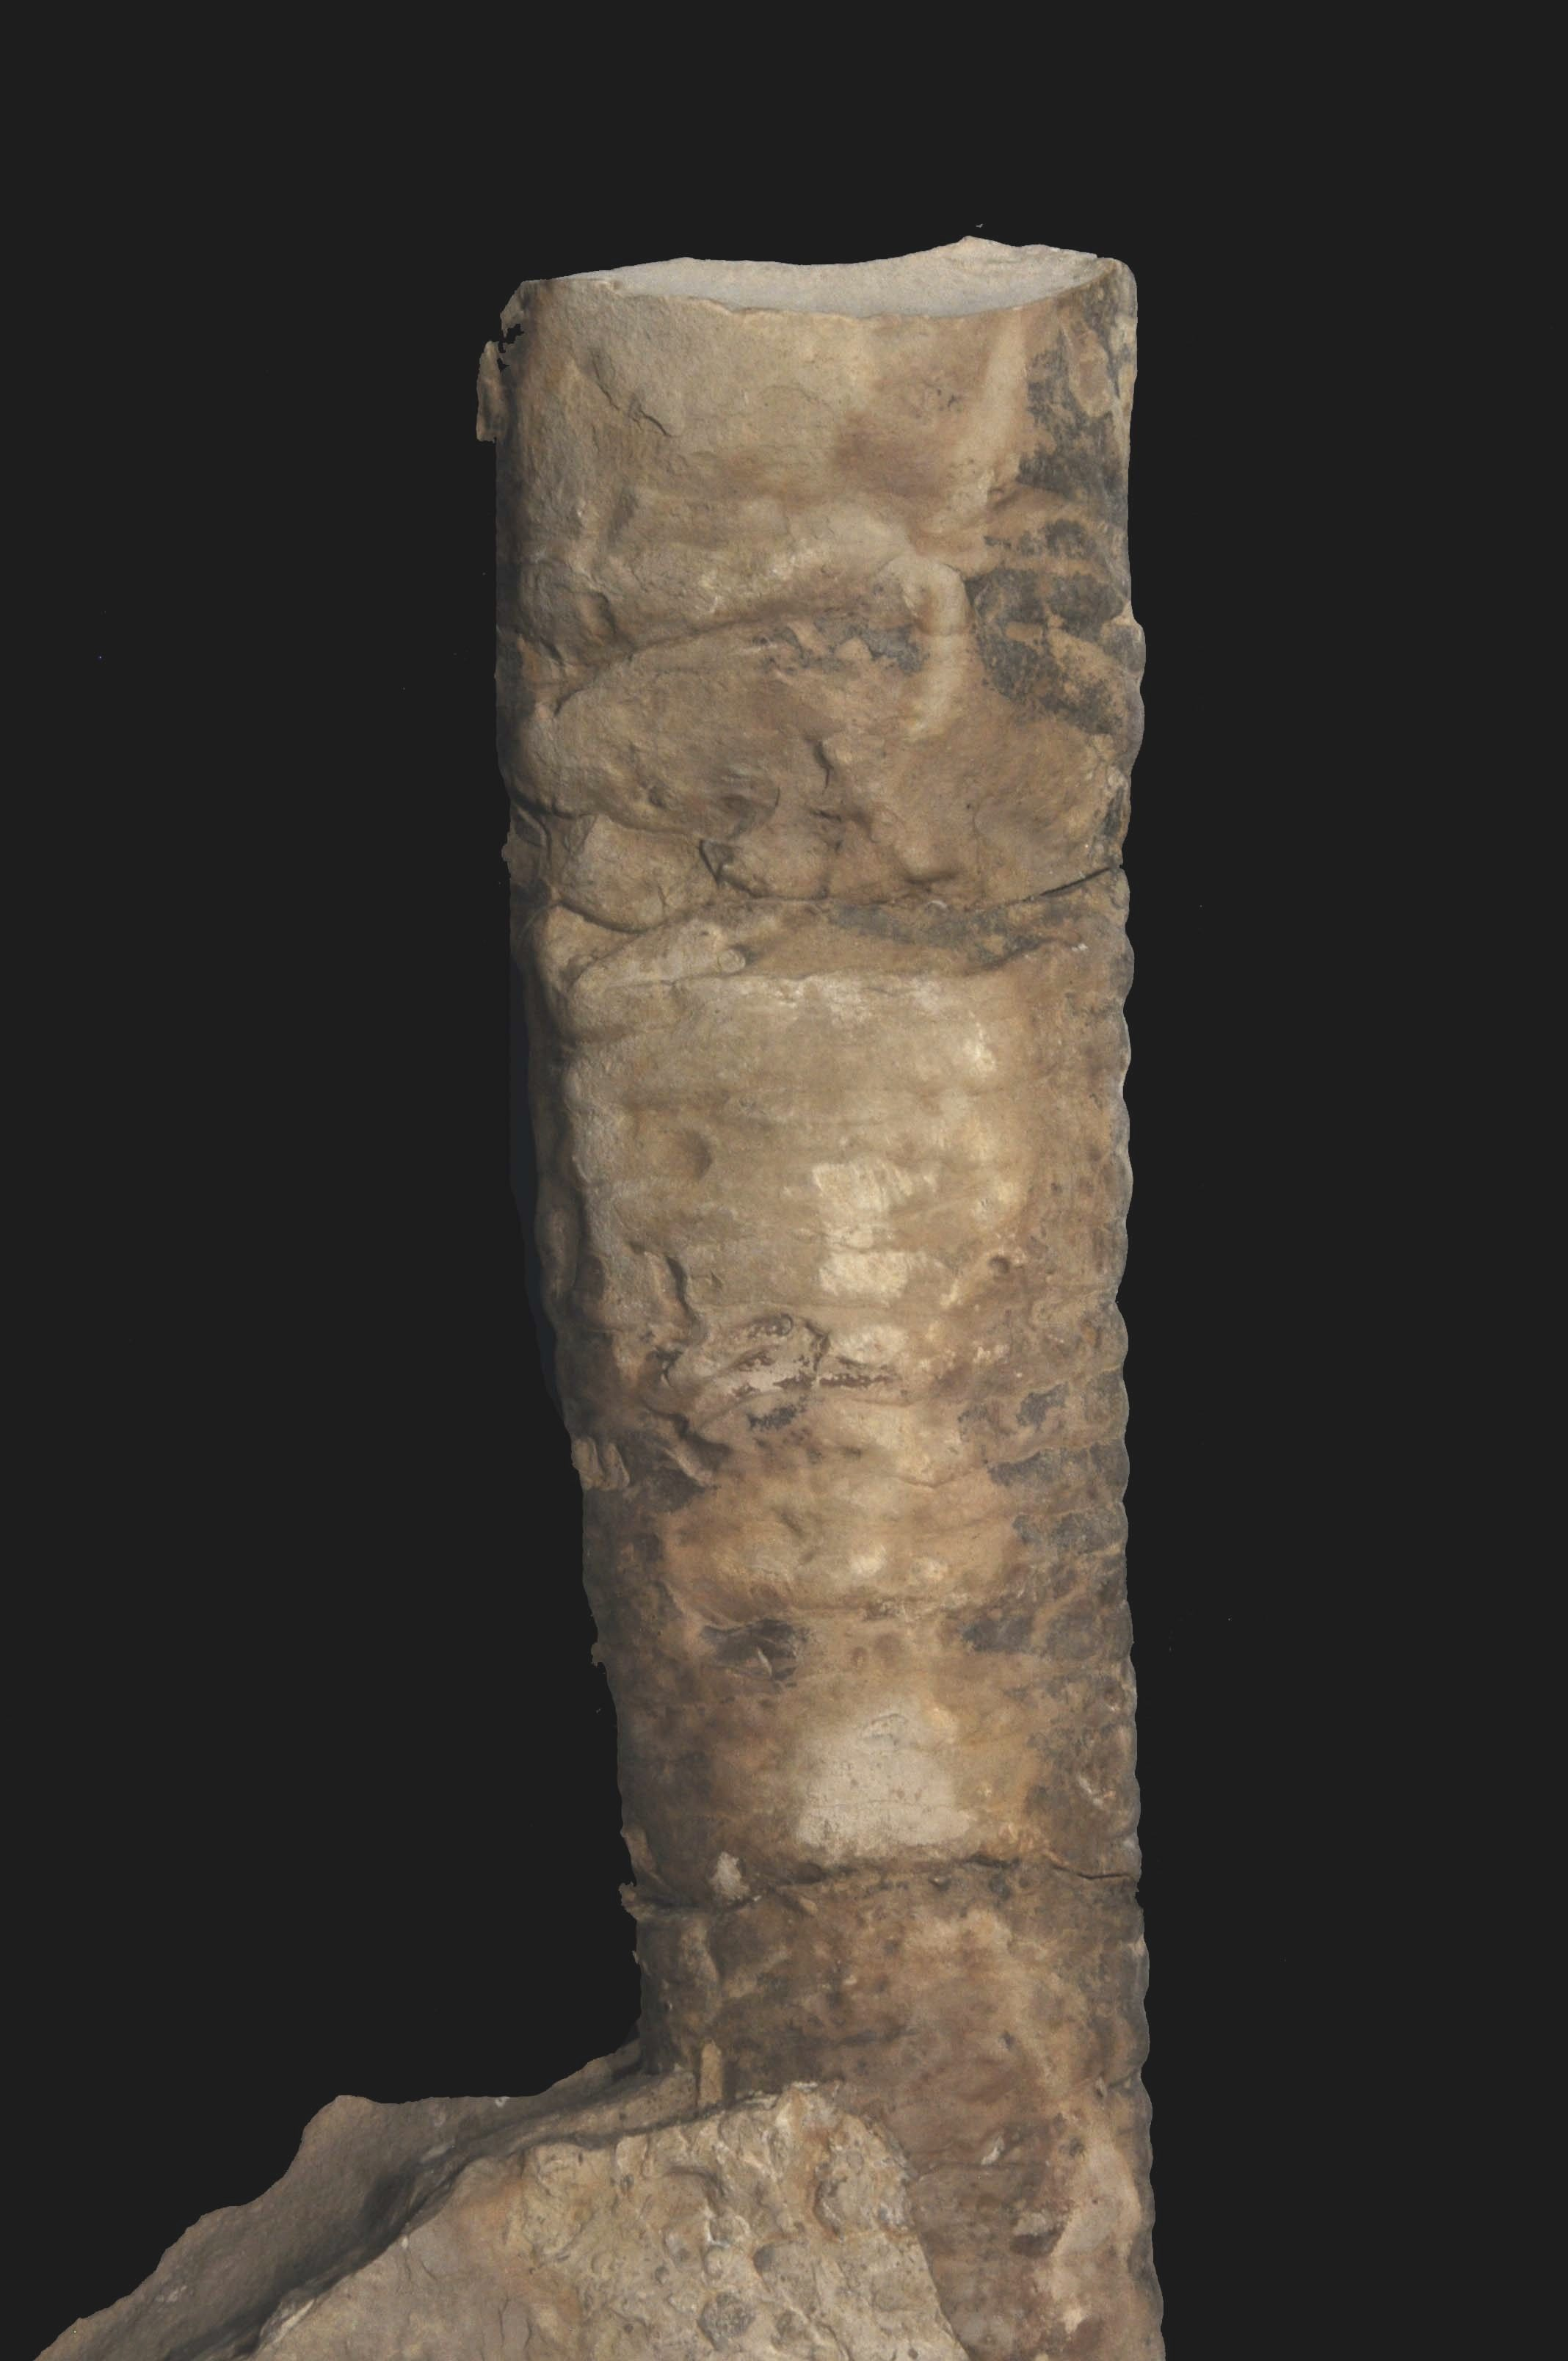 Endoceras